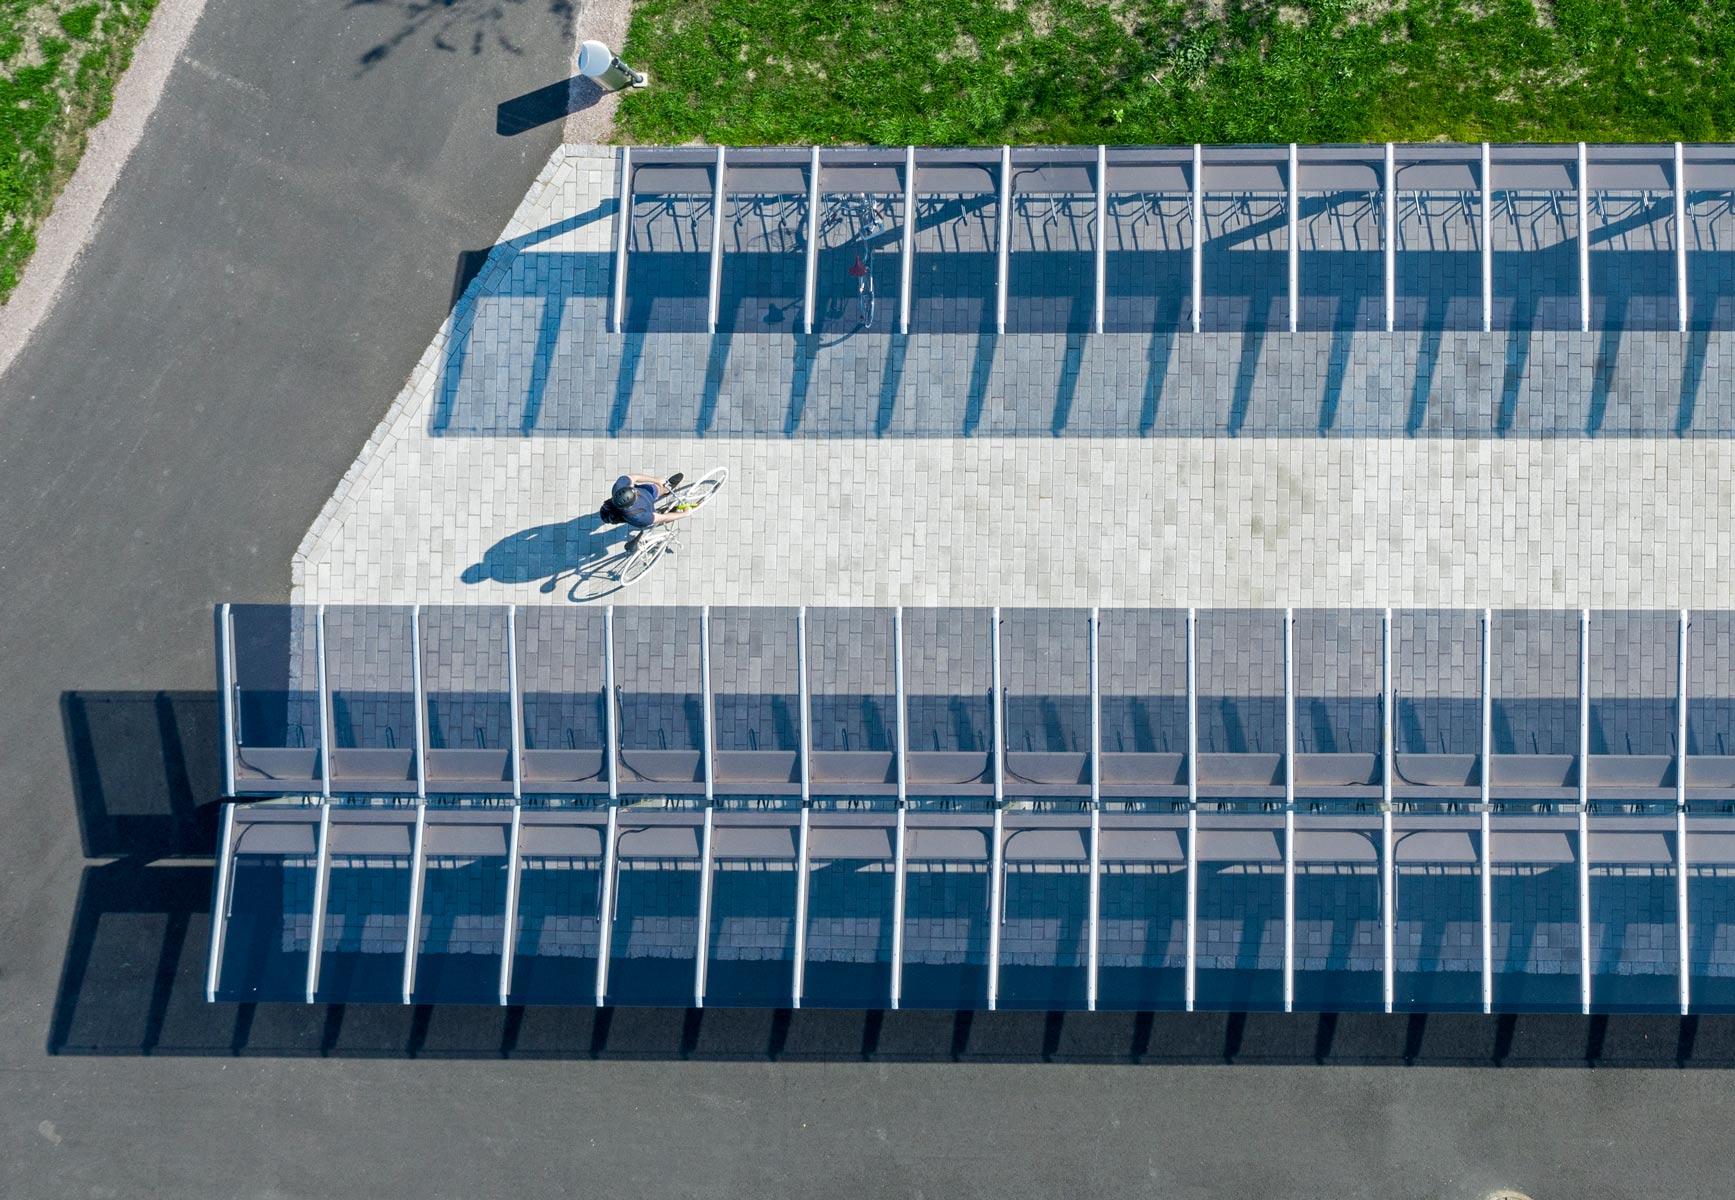 Cykelparkering i offentlig miljö med glastak